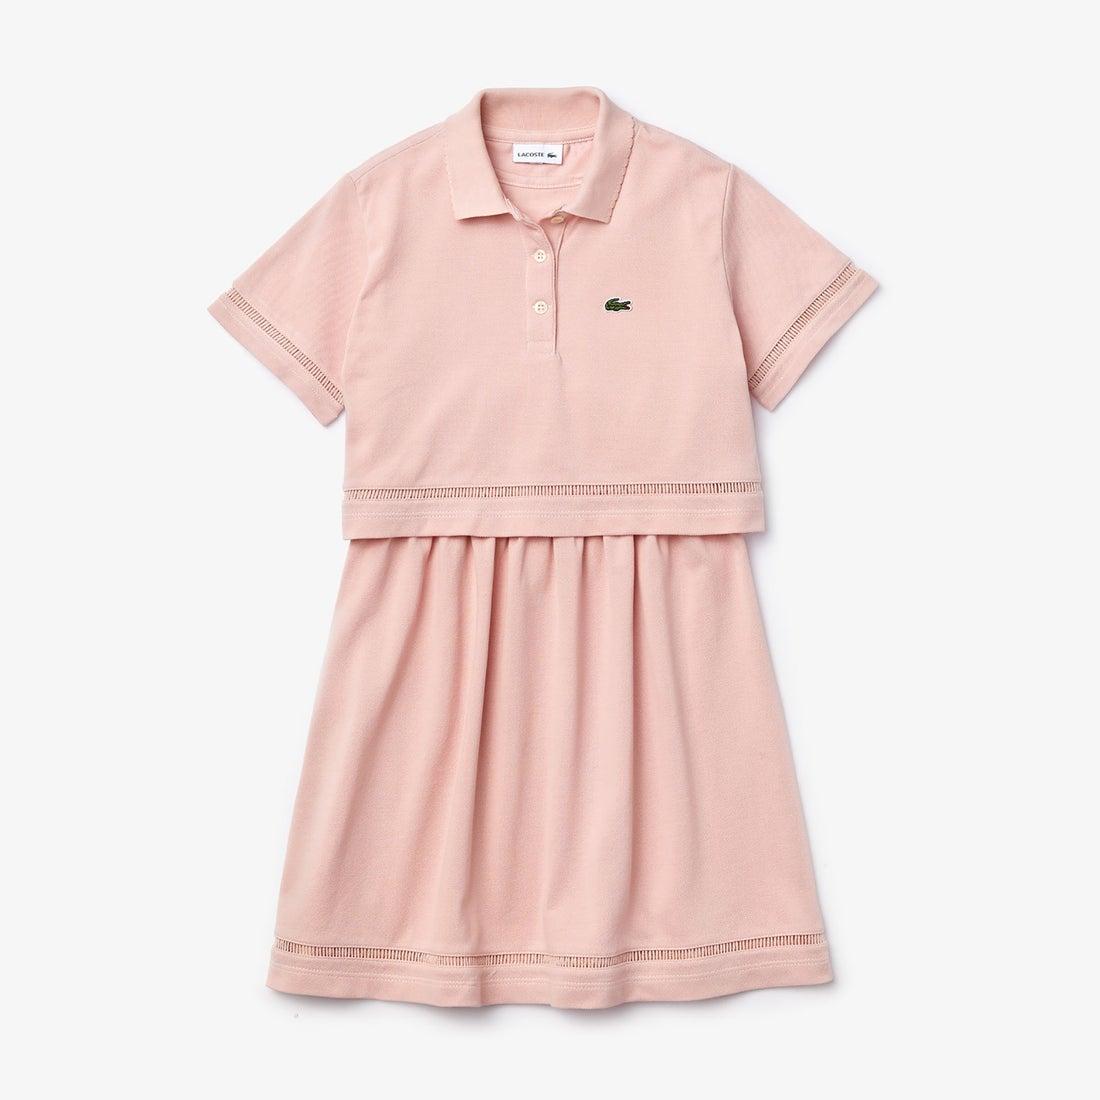 ロコンド 靴とファッションの通販サイトラコステ LACOSTE Girls ポロスタイルセットアップワンピース (ピンク)